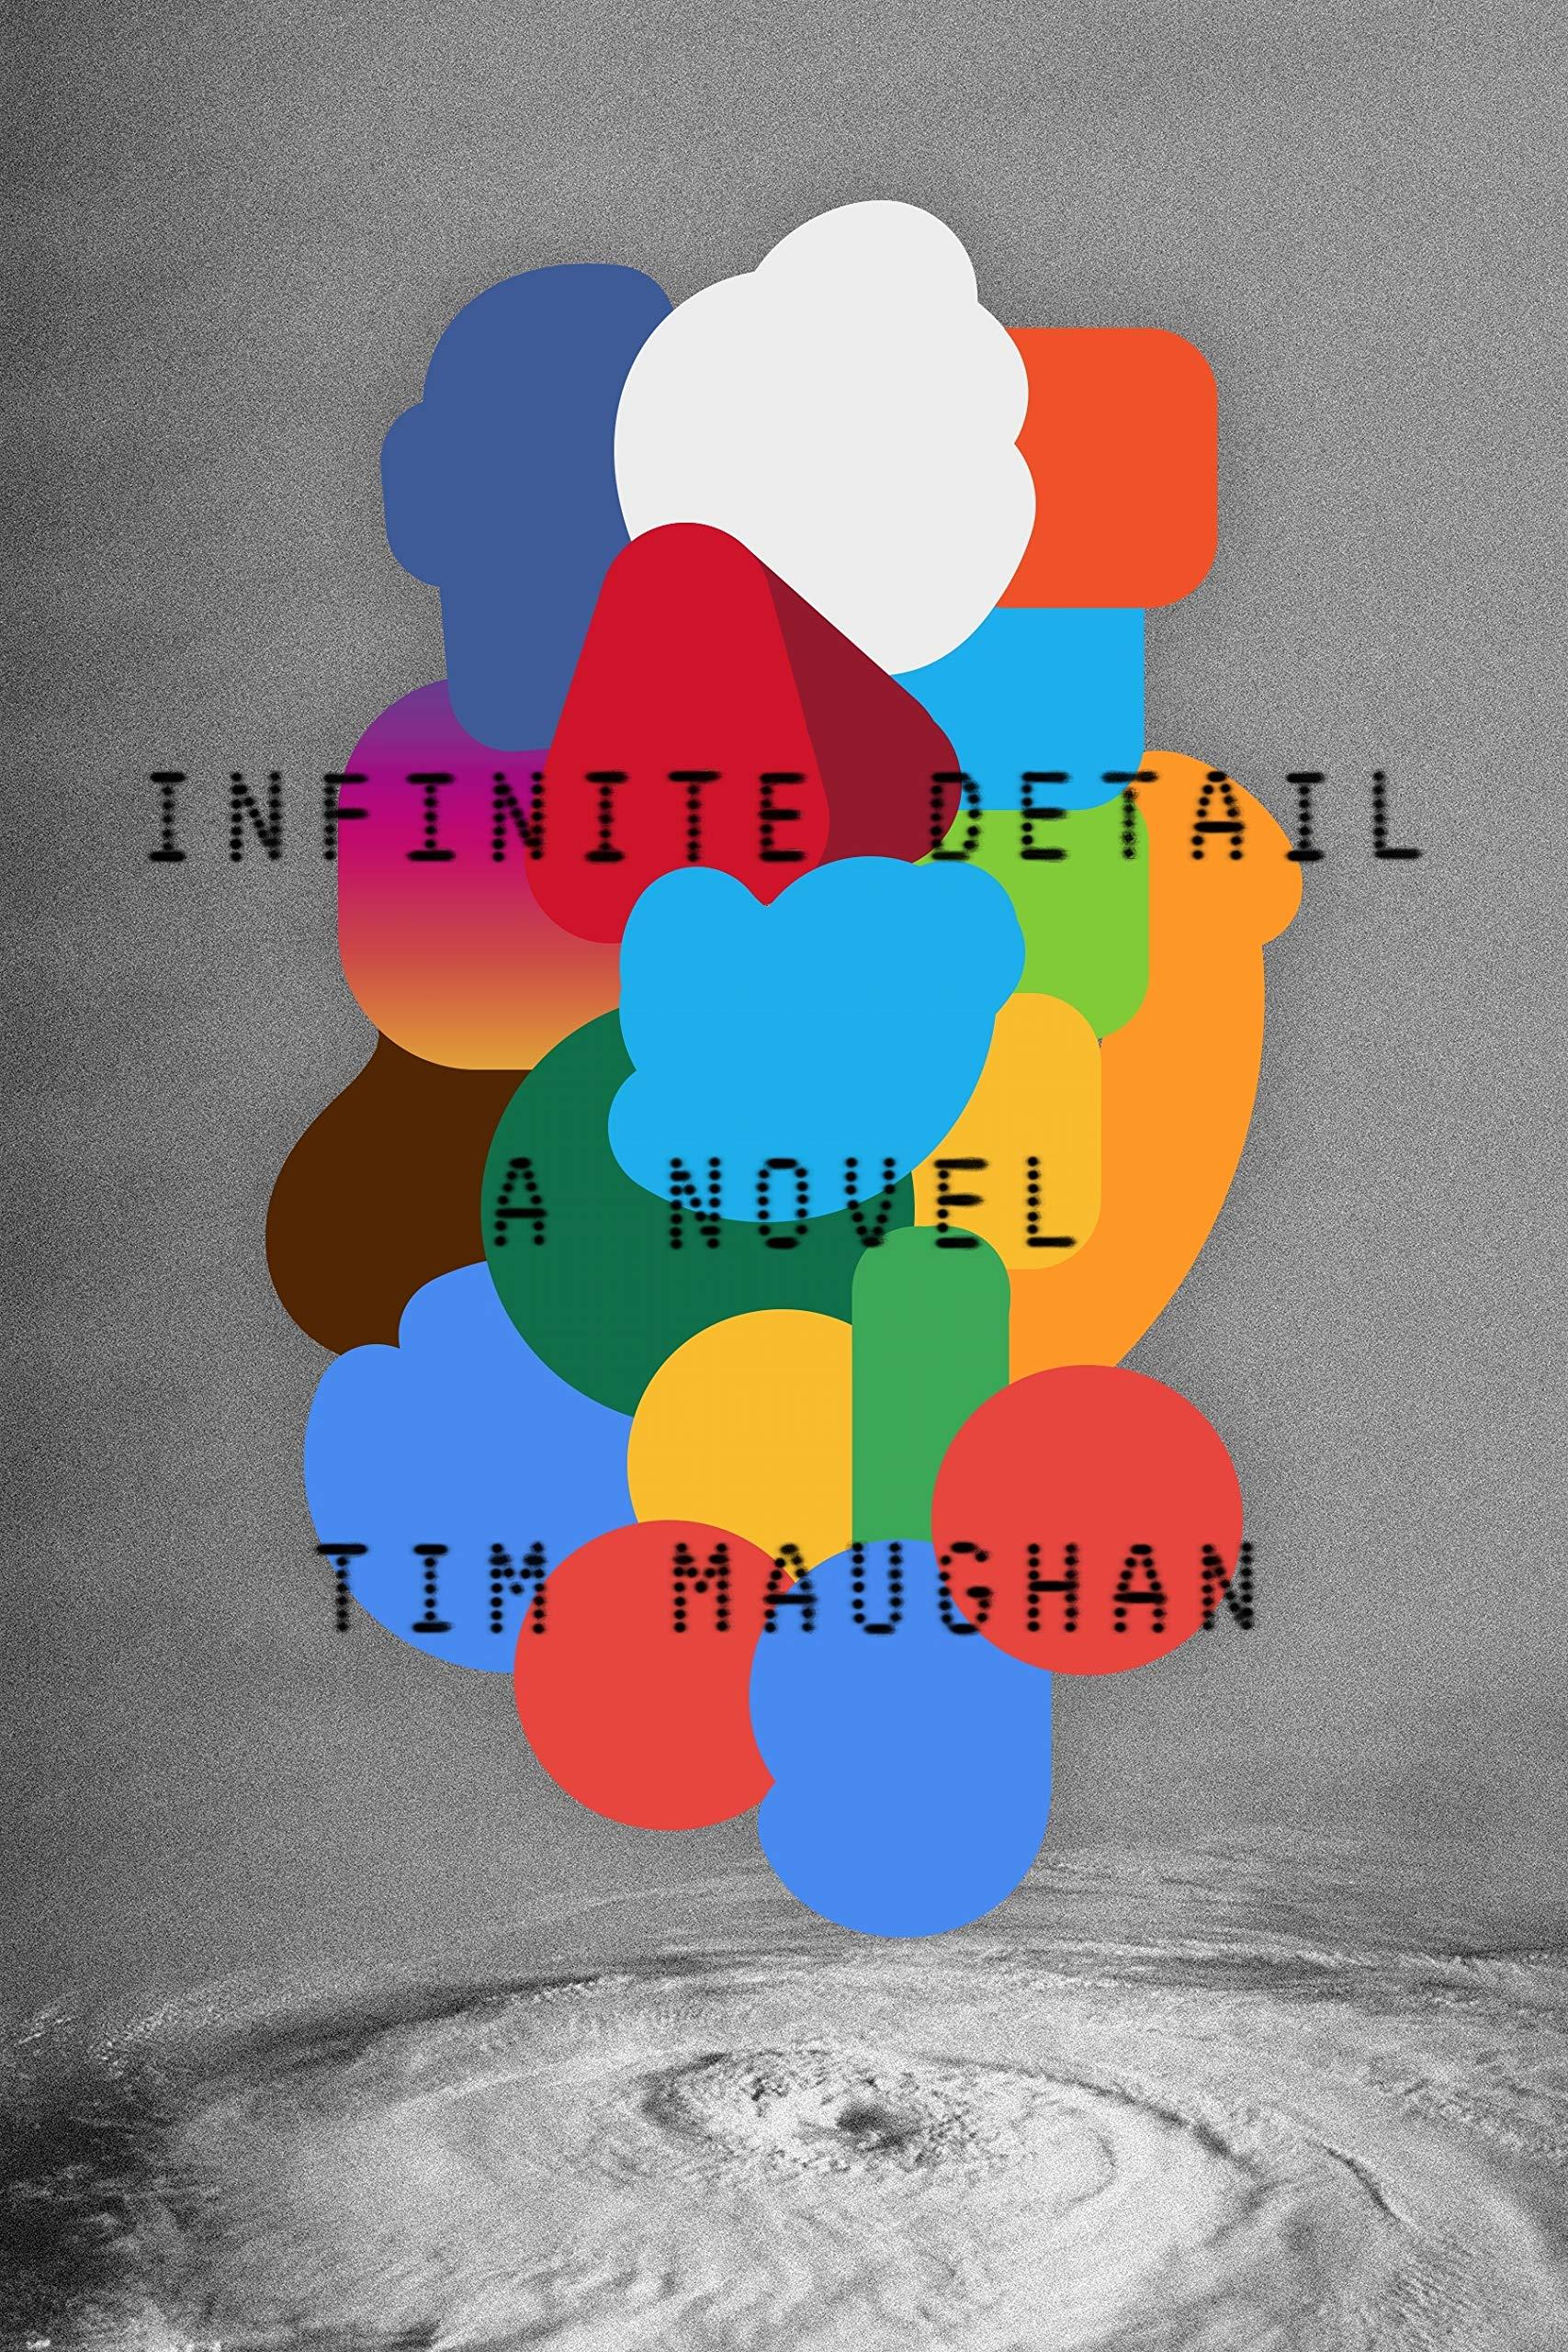 « Infinite Detail », de Tim Maughan